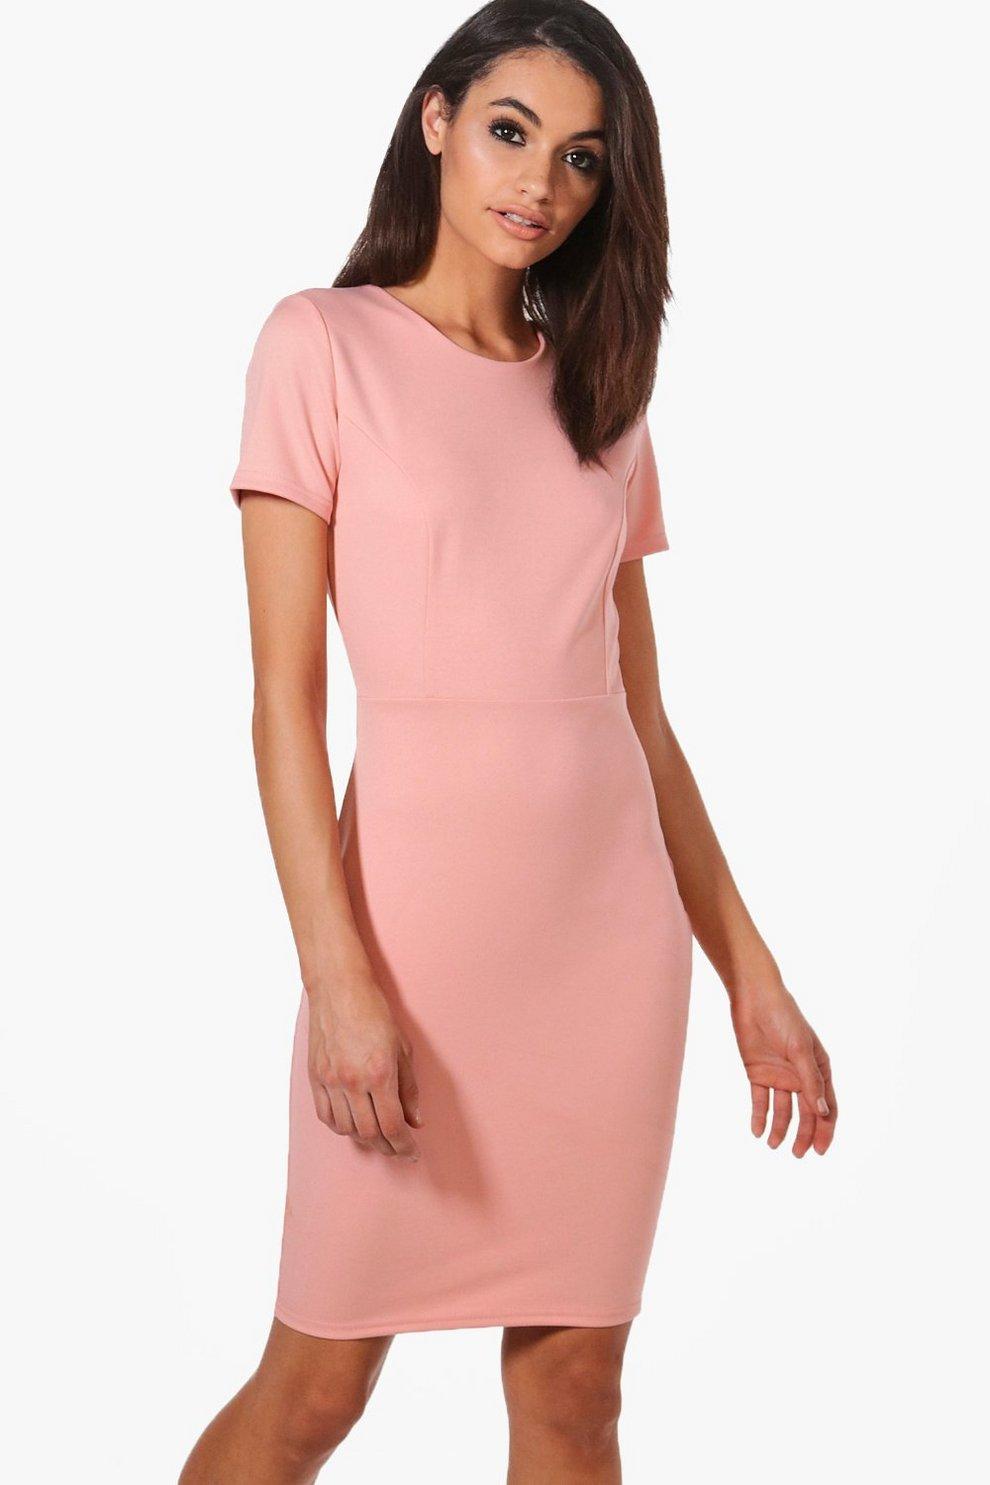 Molly Elegant Geschnittenes Tailliertes Kleid Aus Neoprenstoff Boohoo